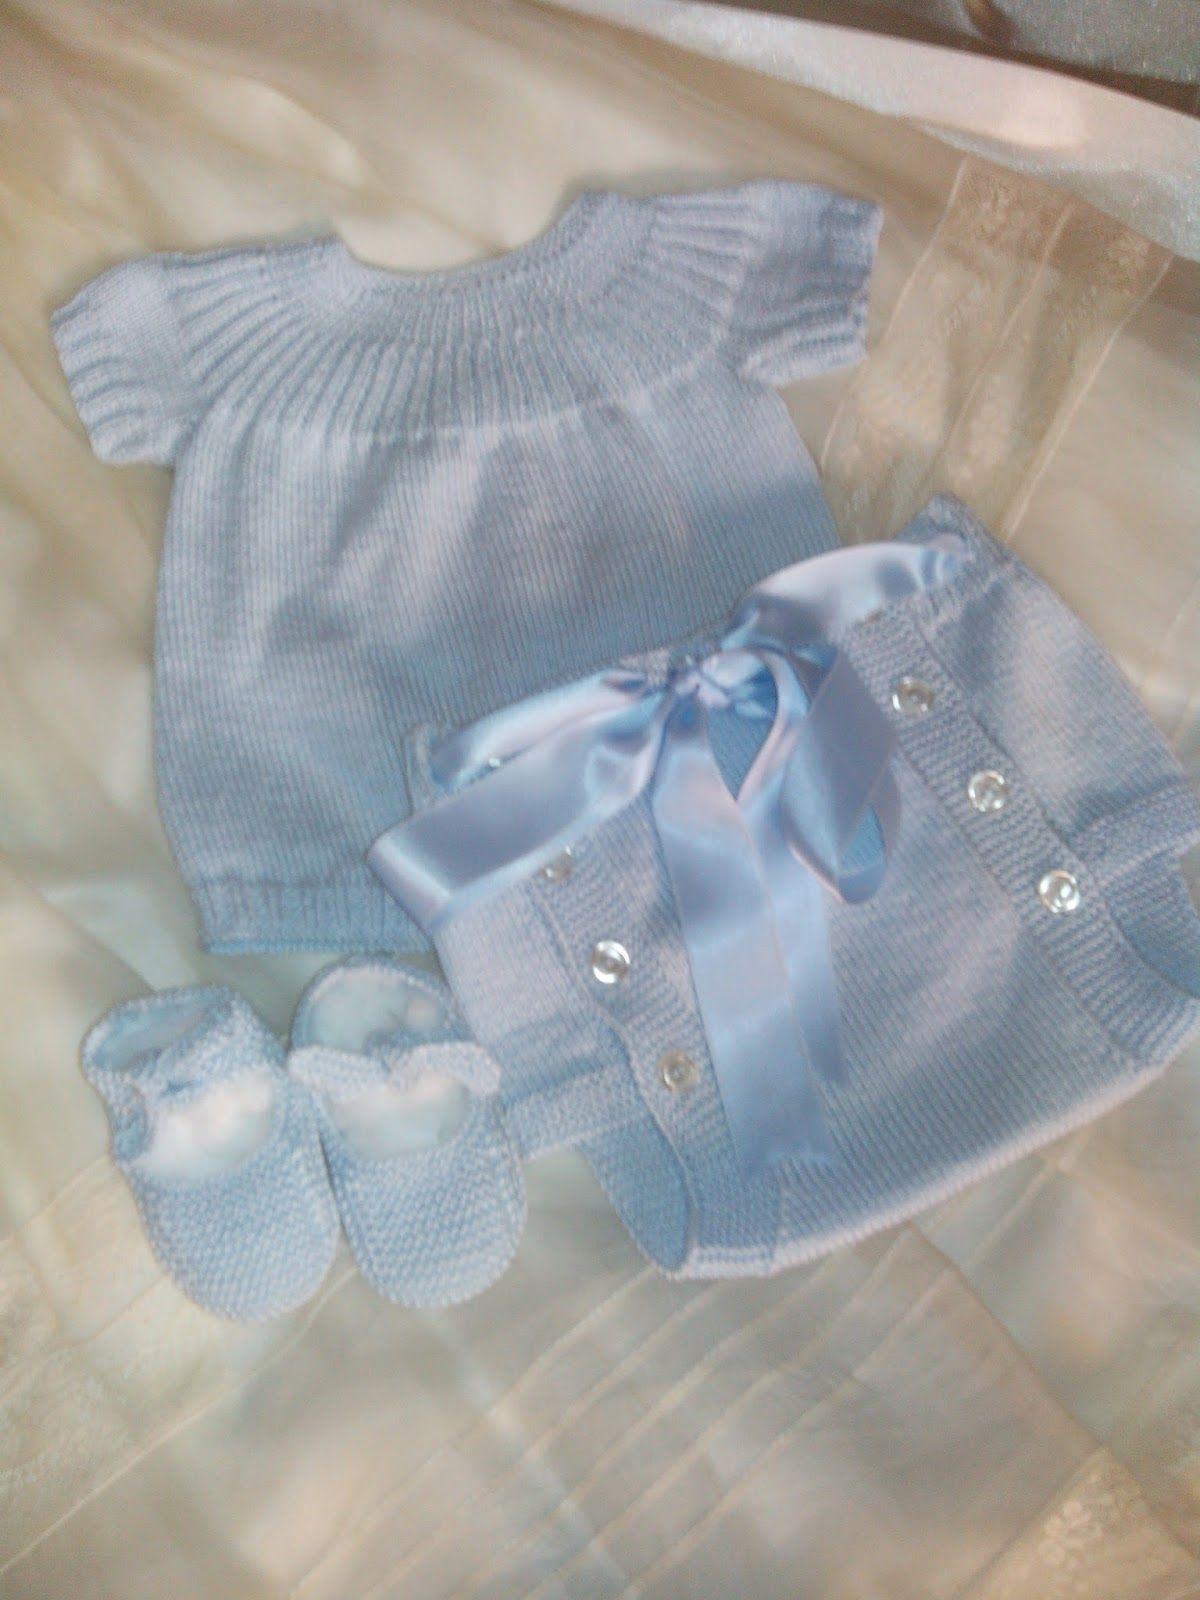 75bed49b7 Blog de canastilla en lana para bebe hecho a mano